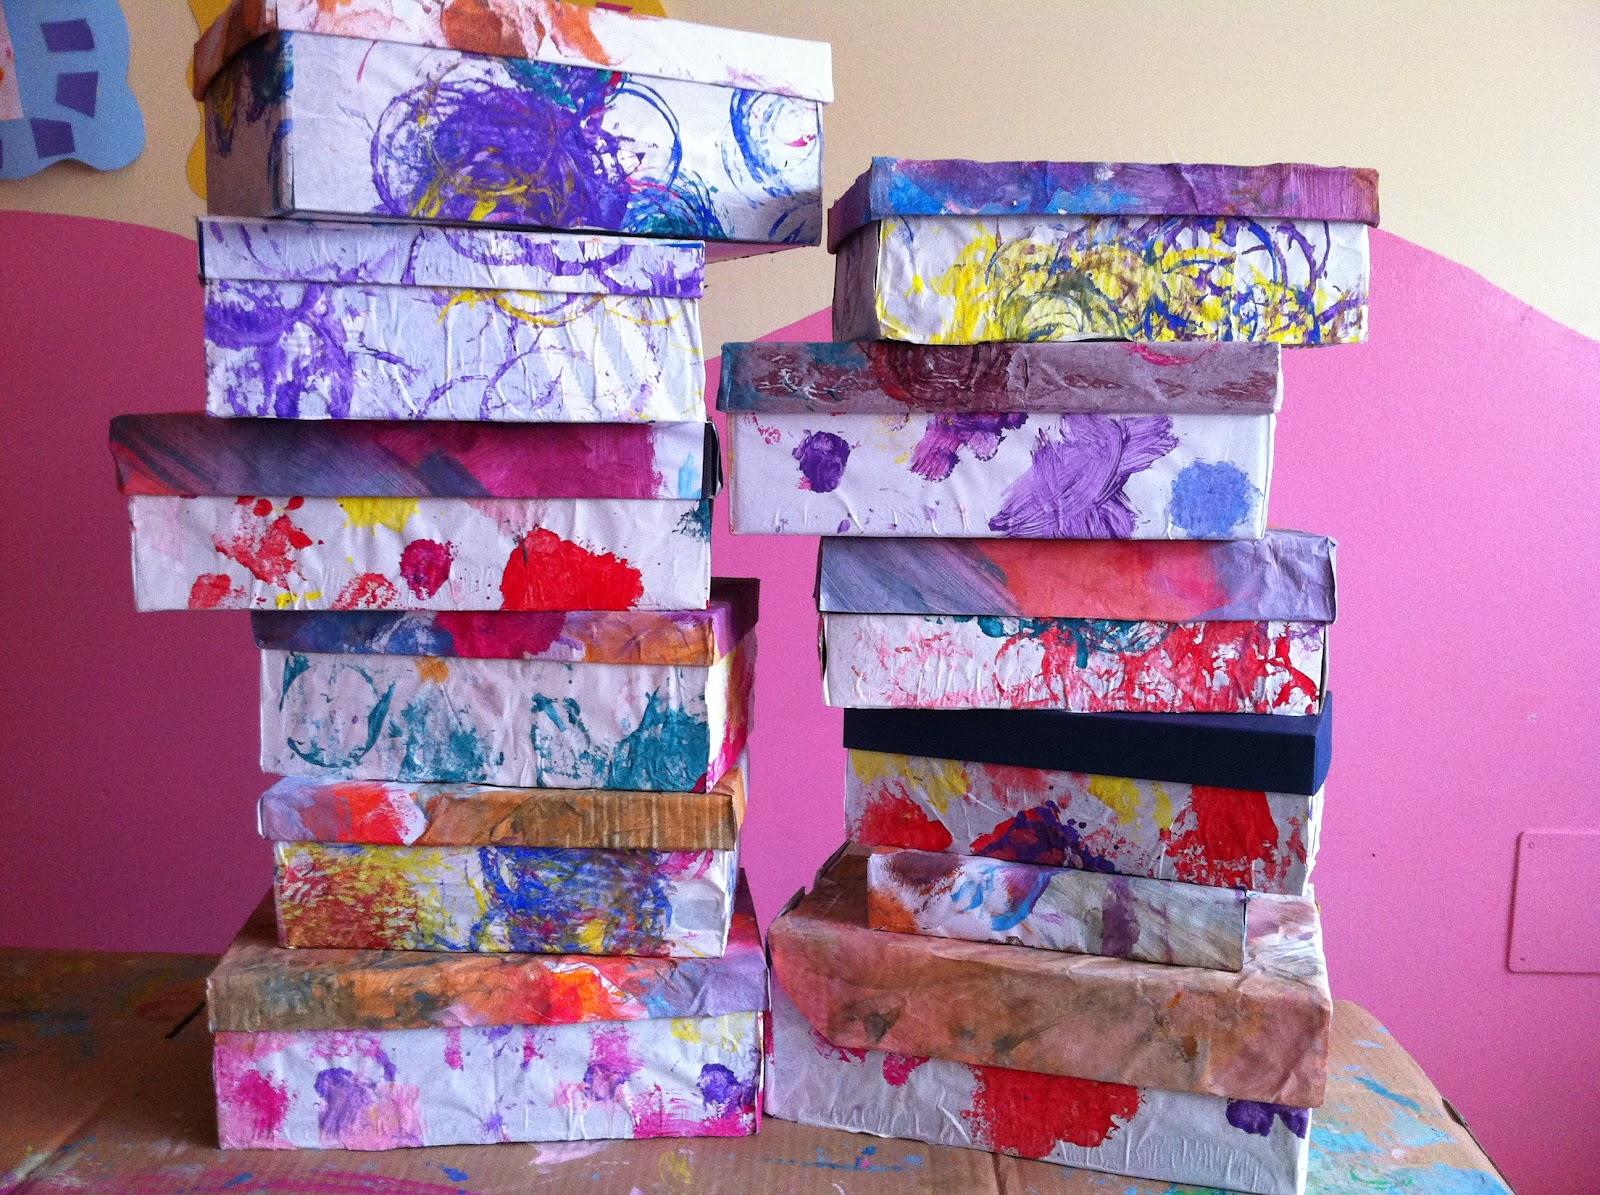 Come riciclare le scatole delle scarpe in modo creativo for Creare oggetti utili fai da te